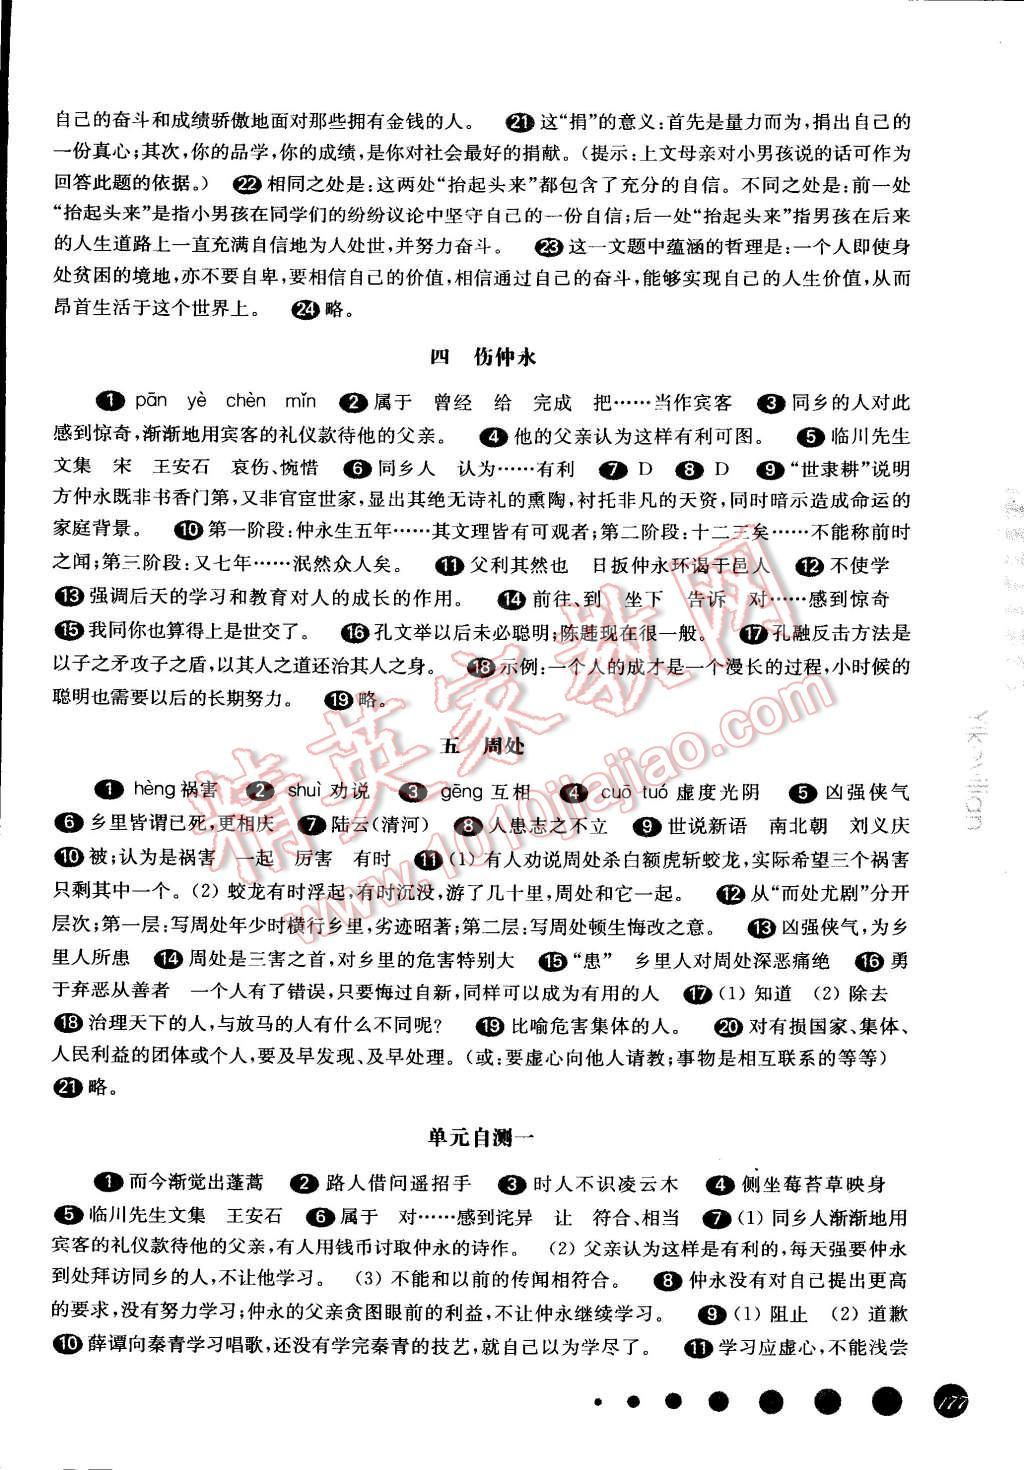 2014年一课一练七年级语文第一学期华东师大版第3页